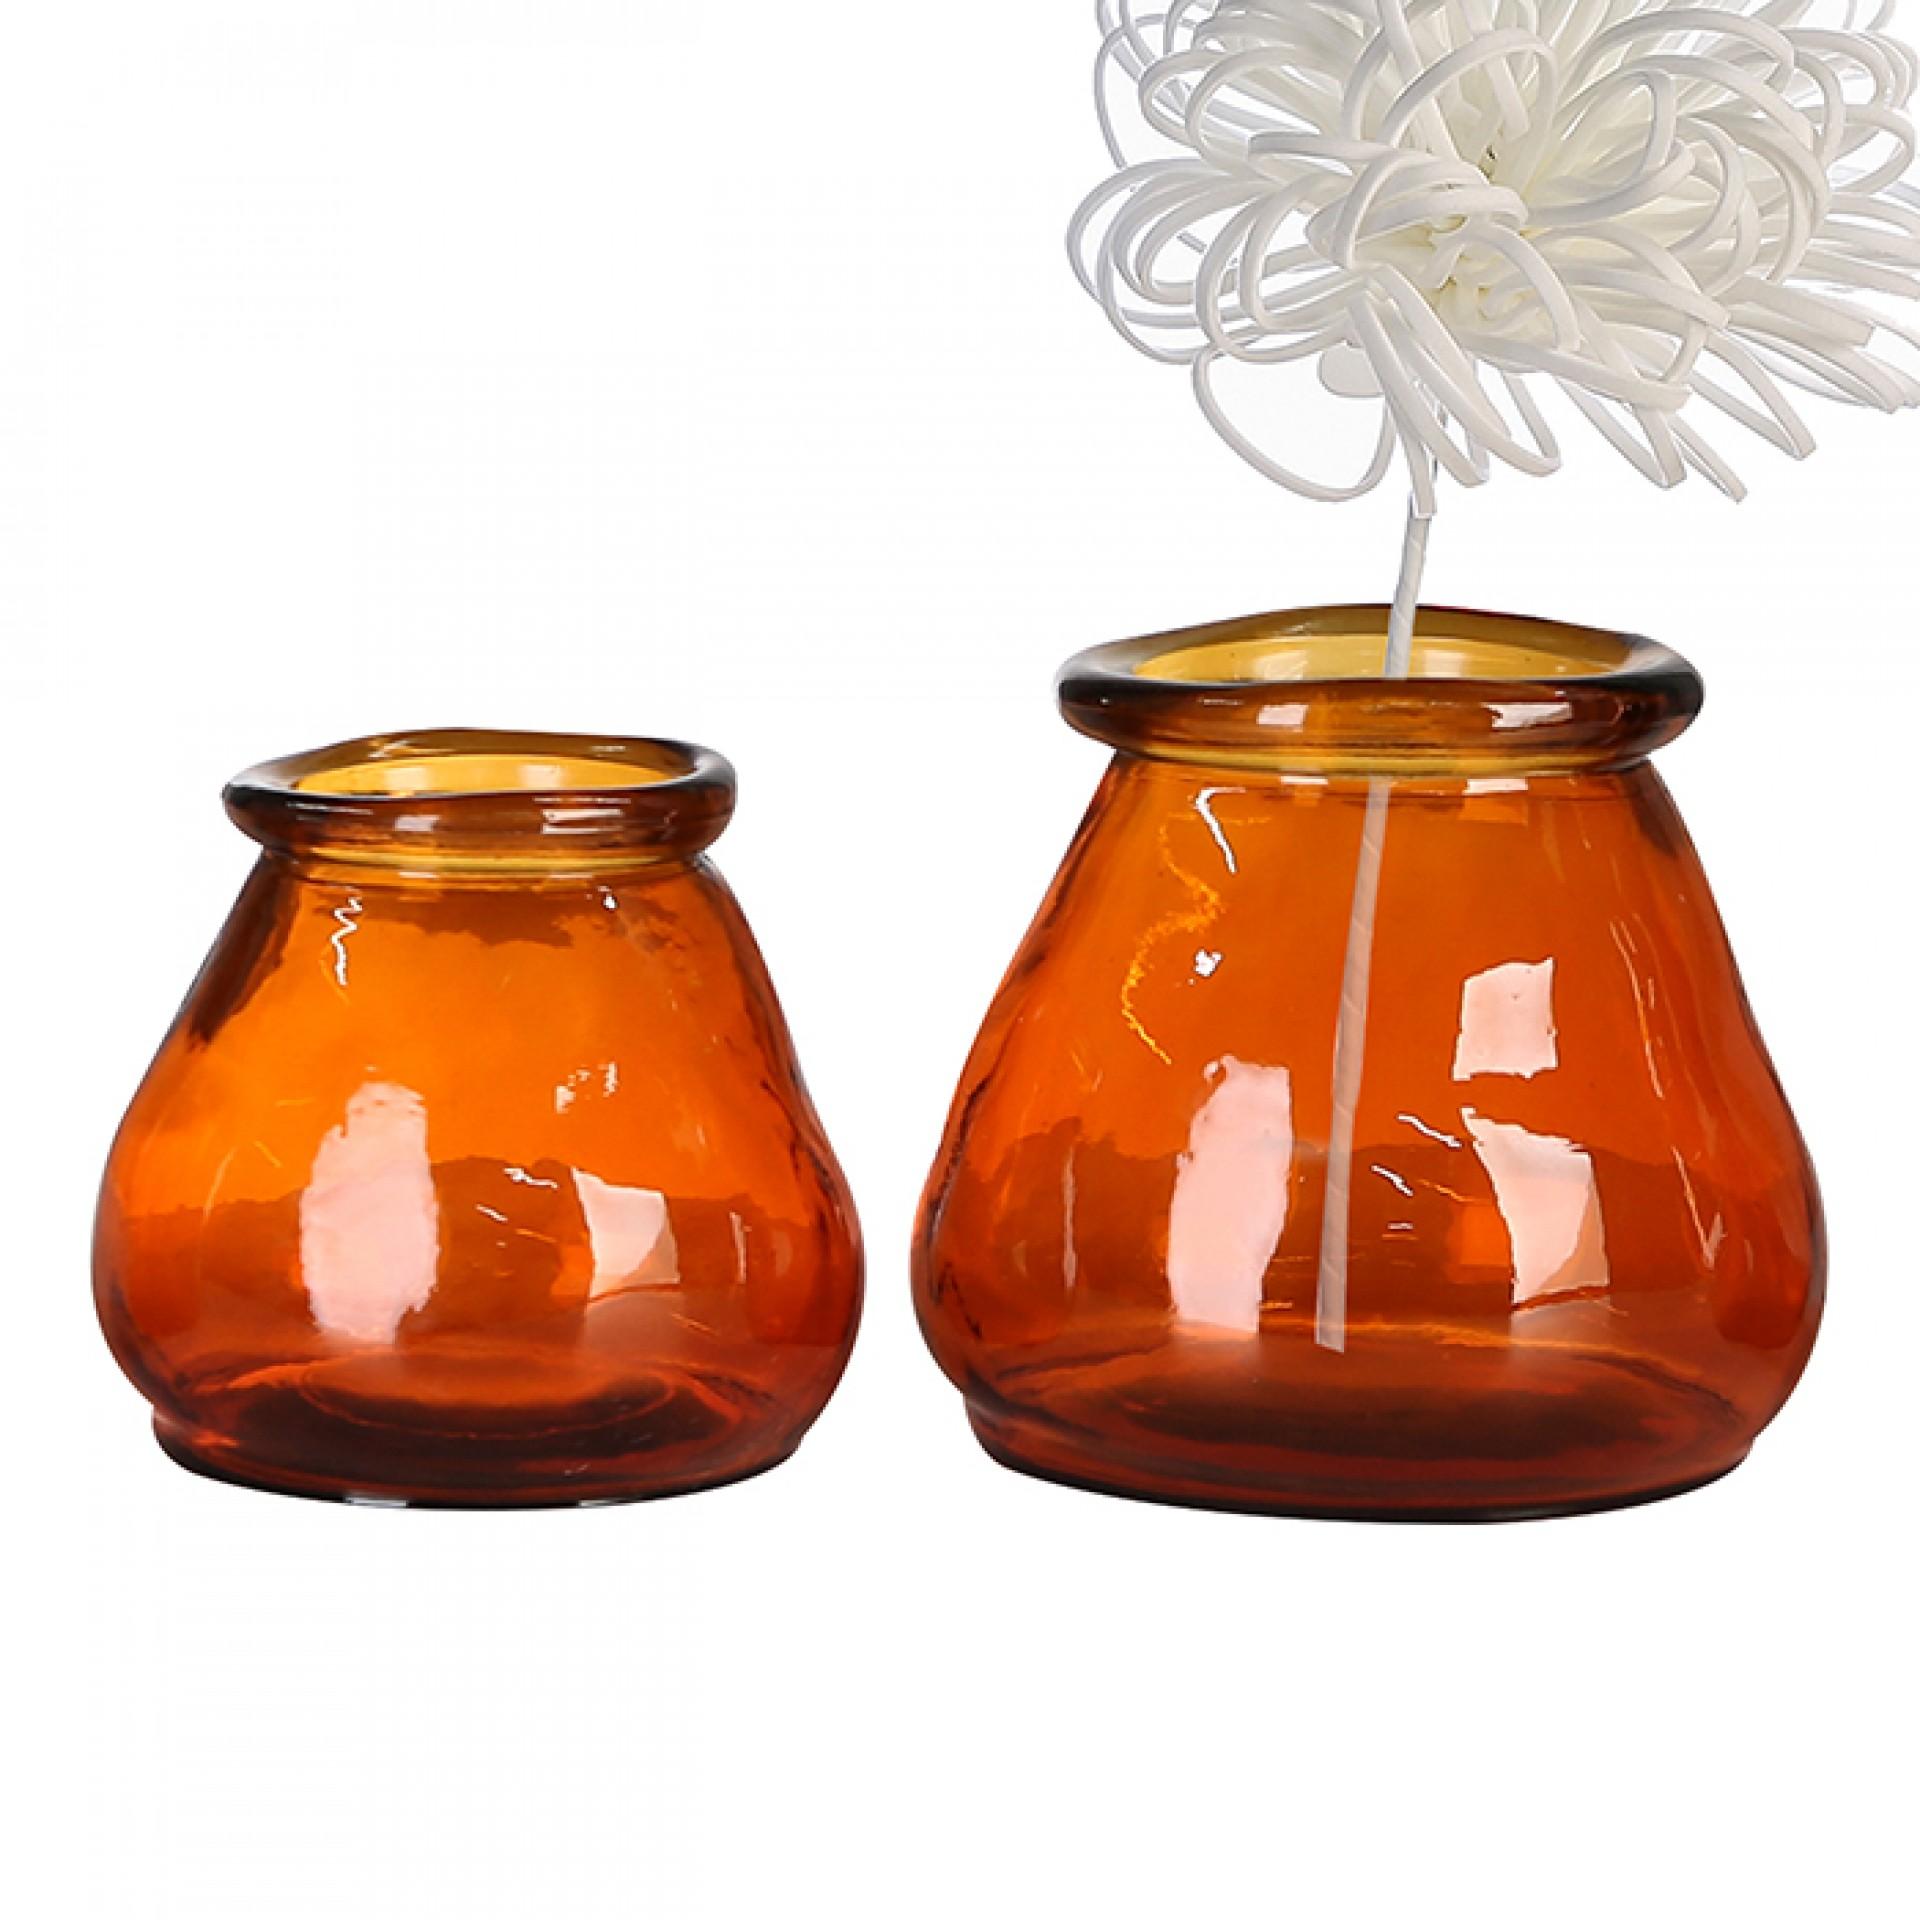 Čajový svícen z recyklovaného skla Gerona, 15 cm, oranžová